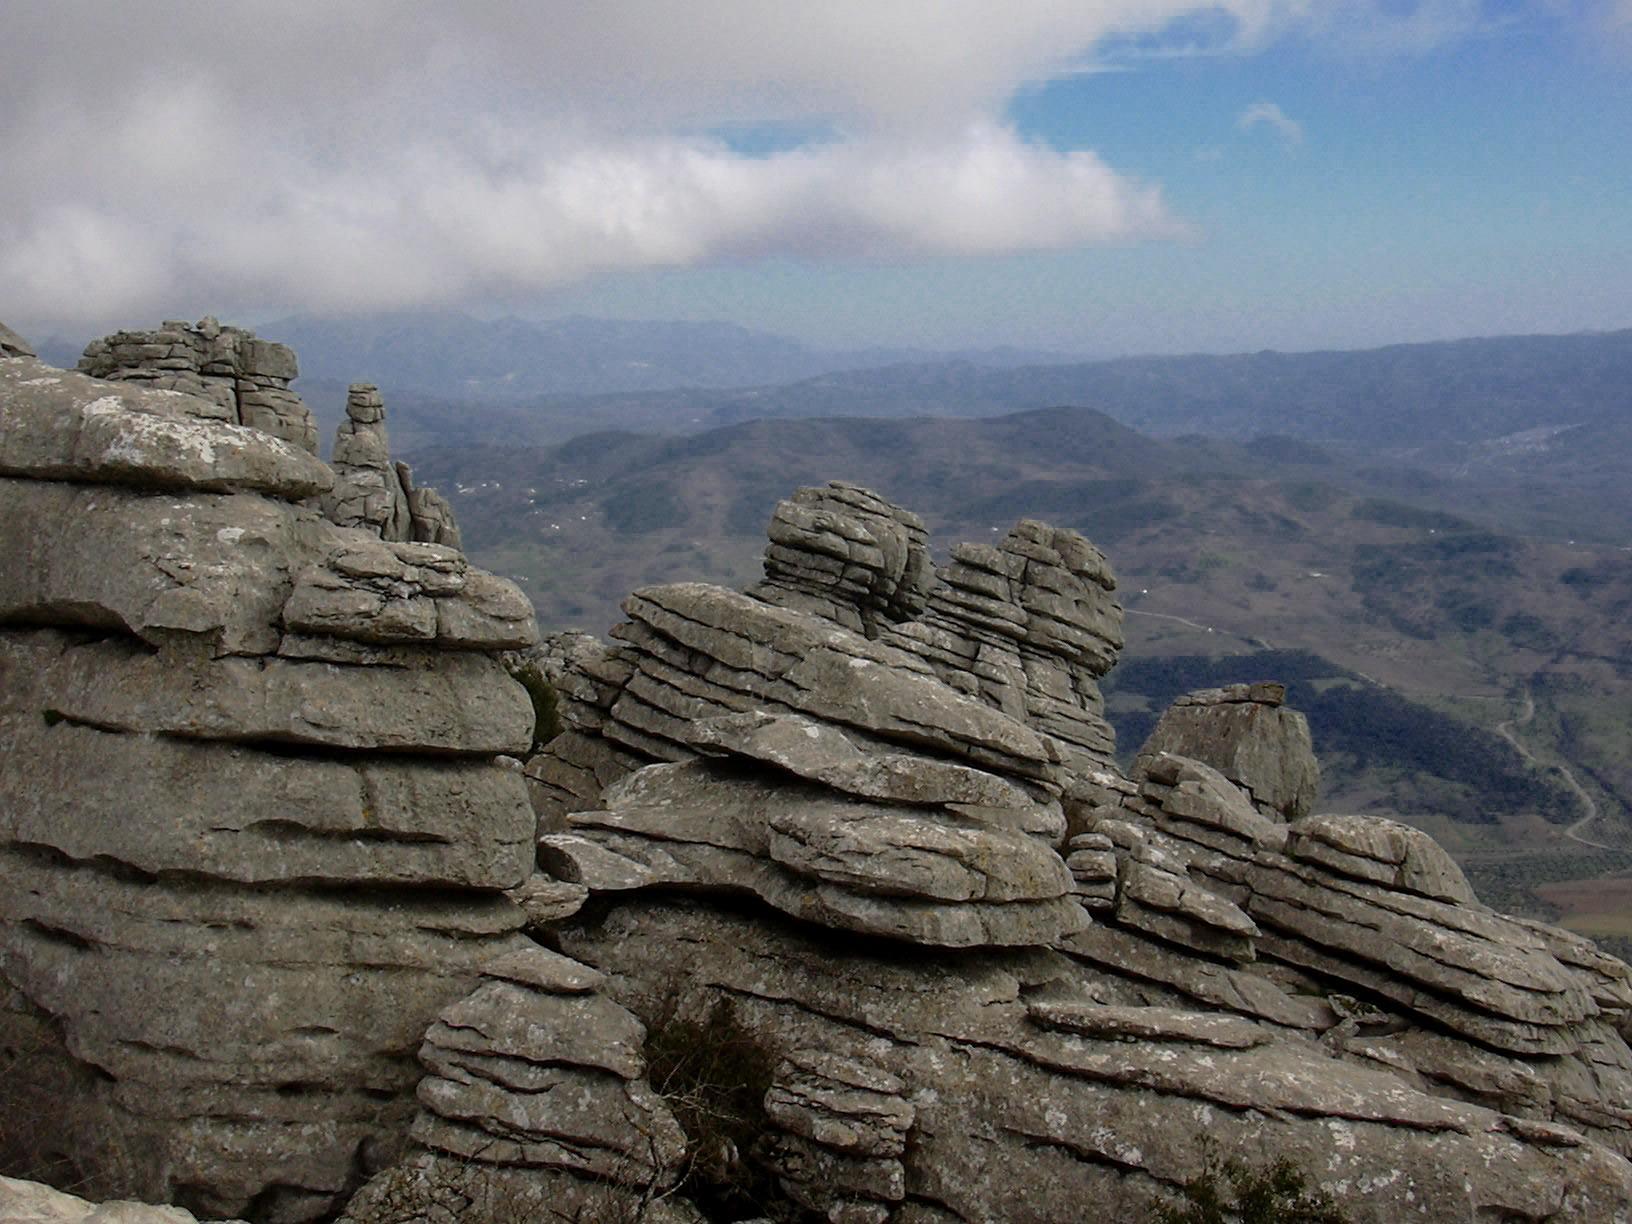 El Torcal rocks overview 2